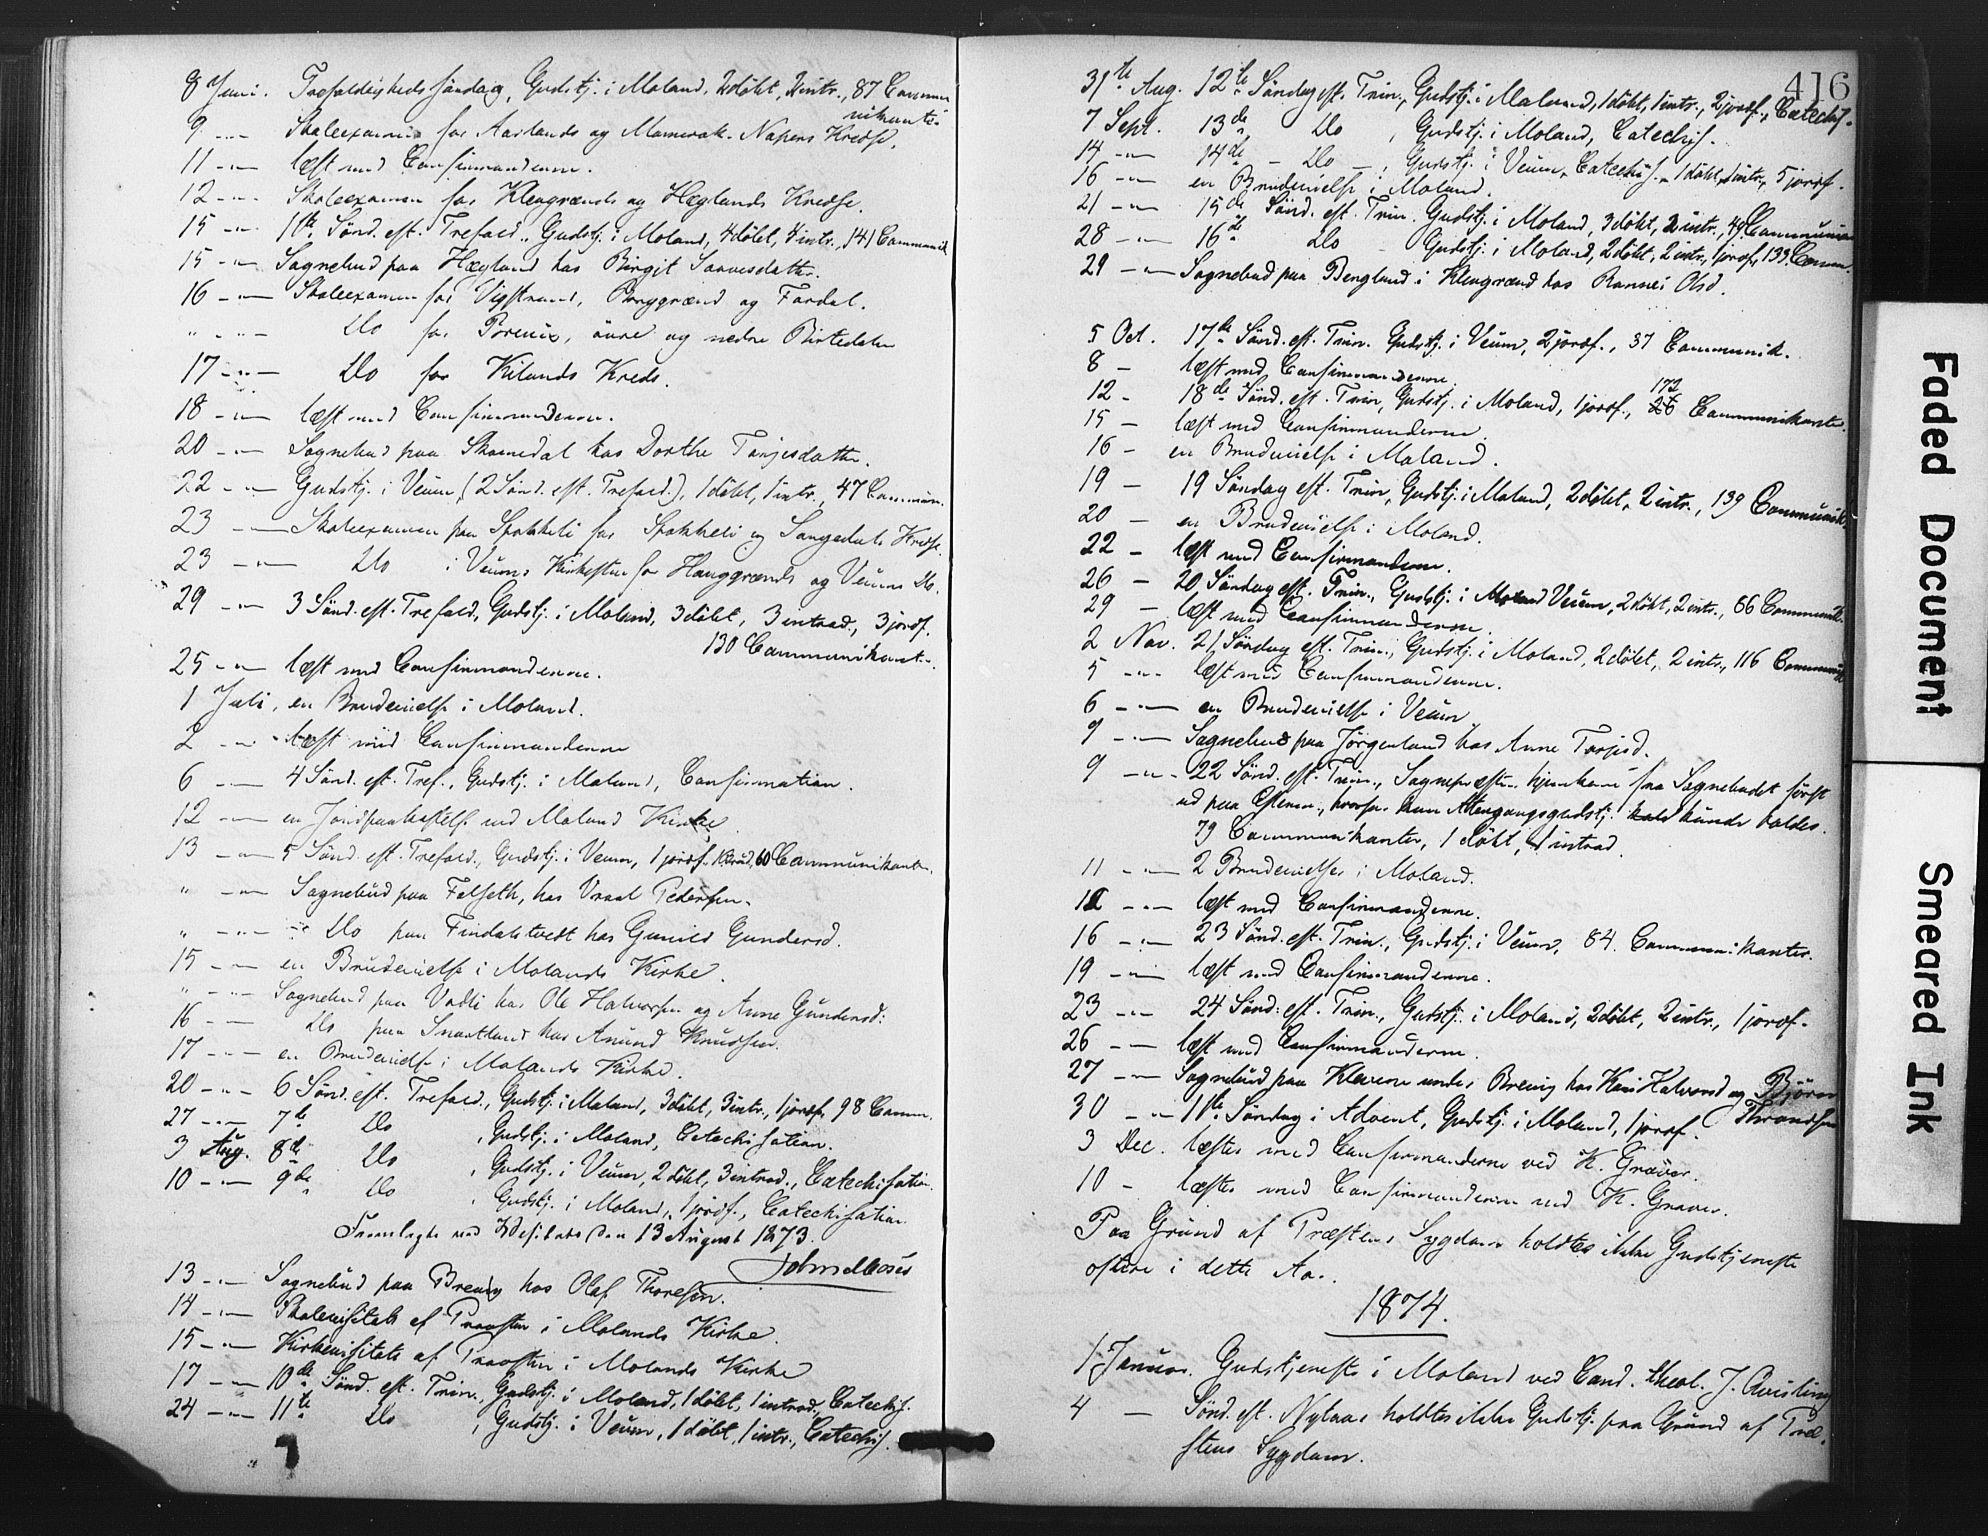 SAKO, Fyresdal kirkebøker, F/Fa/L0006: Ministerialbok nr. I 6, 1872-1886, s. 416